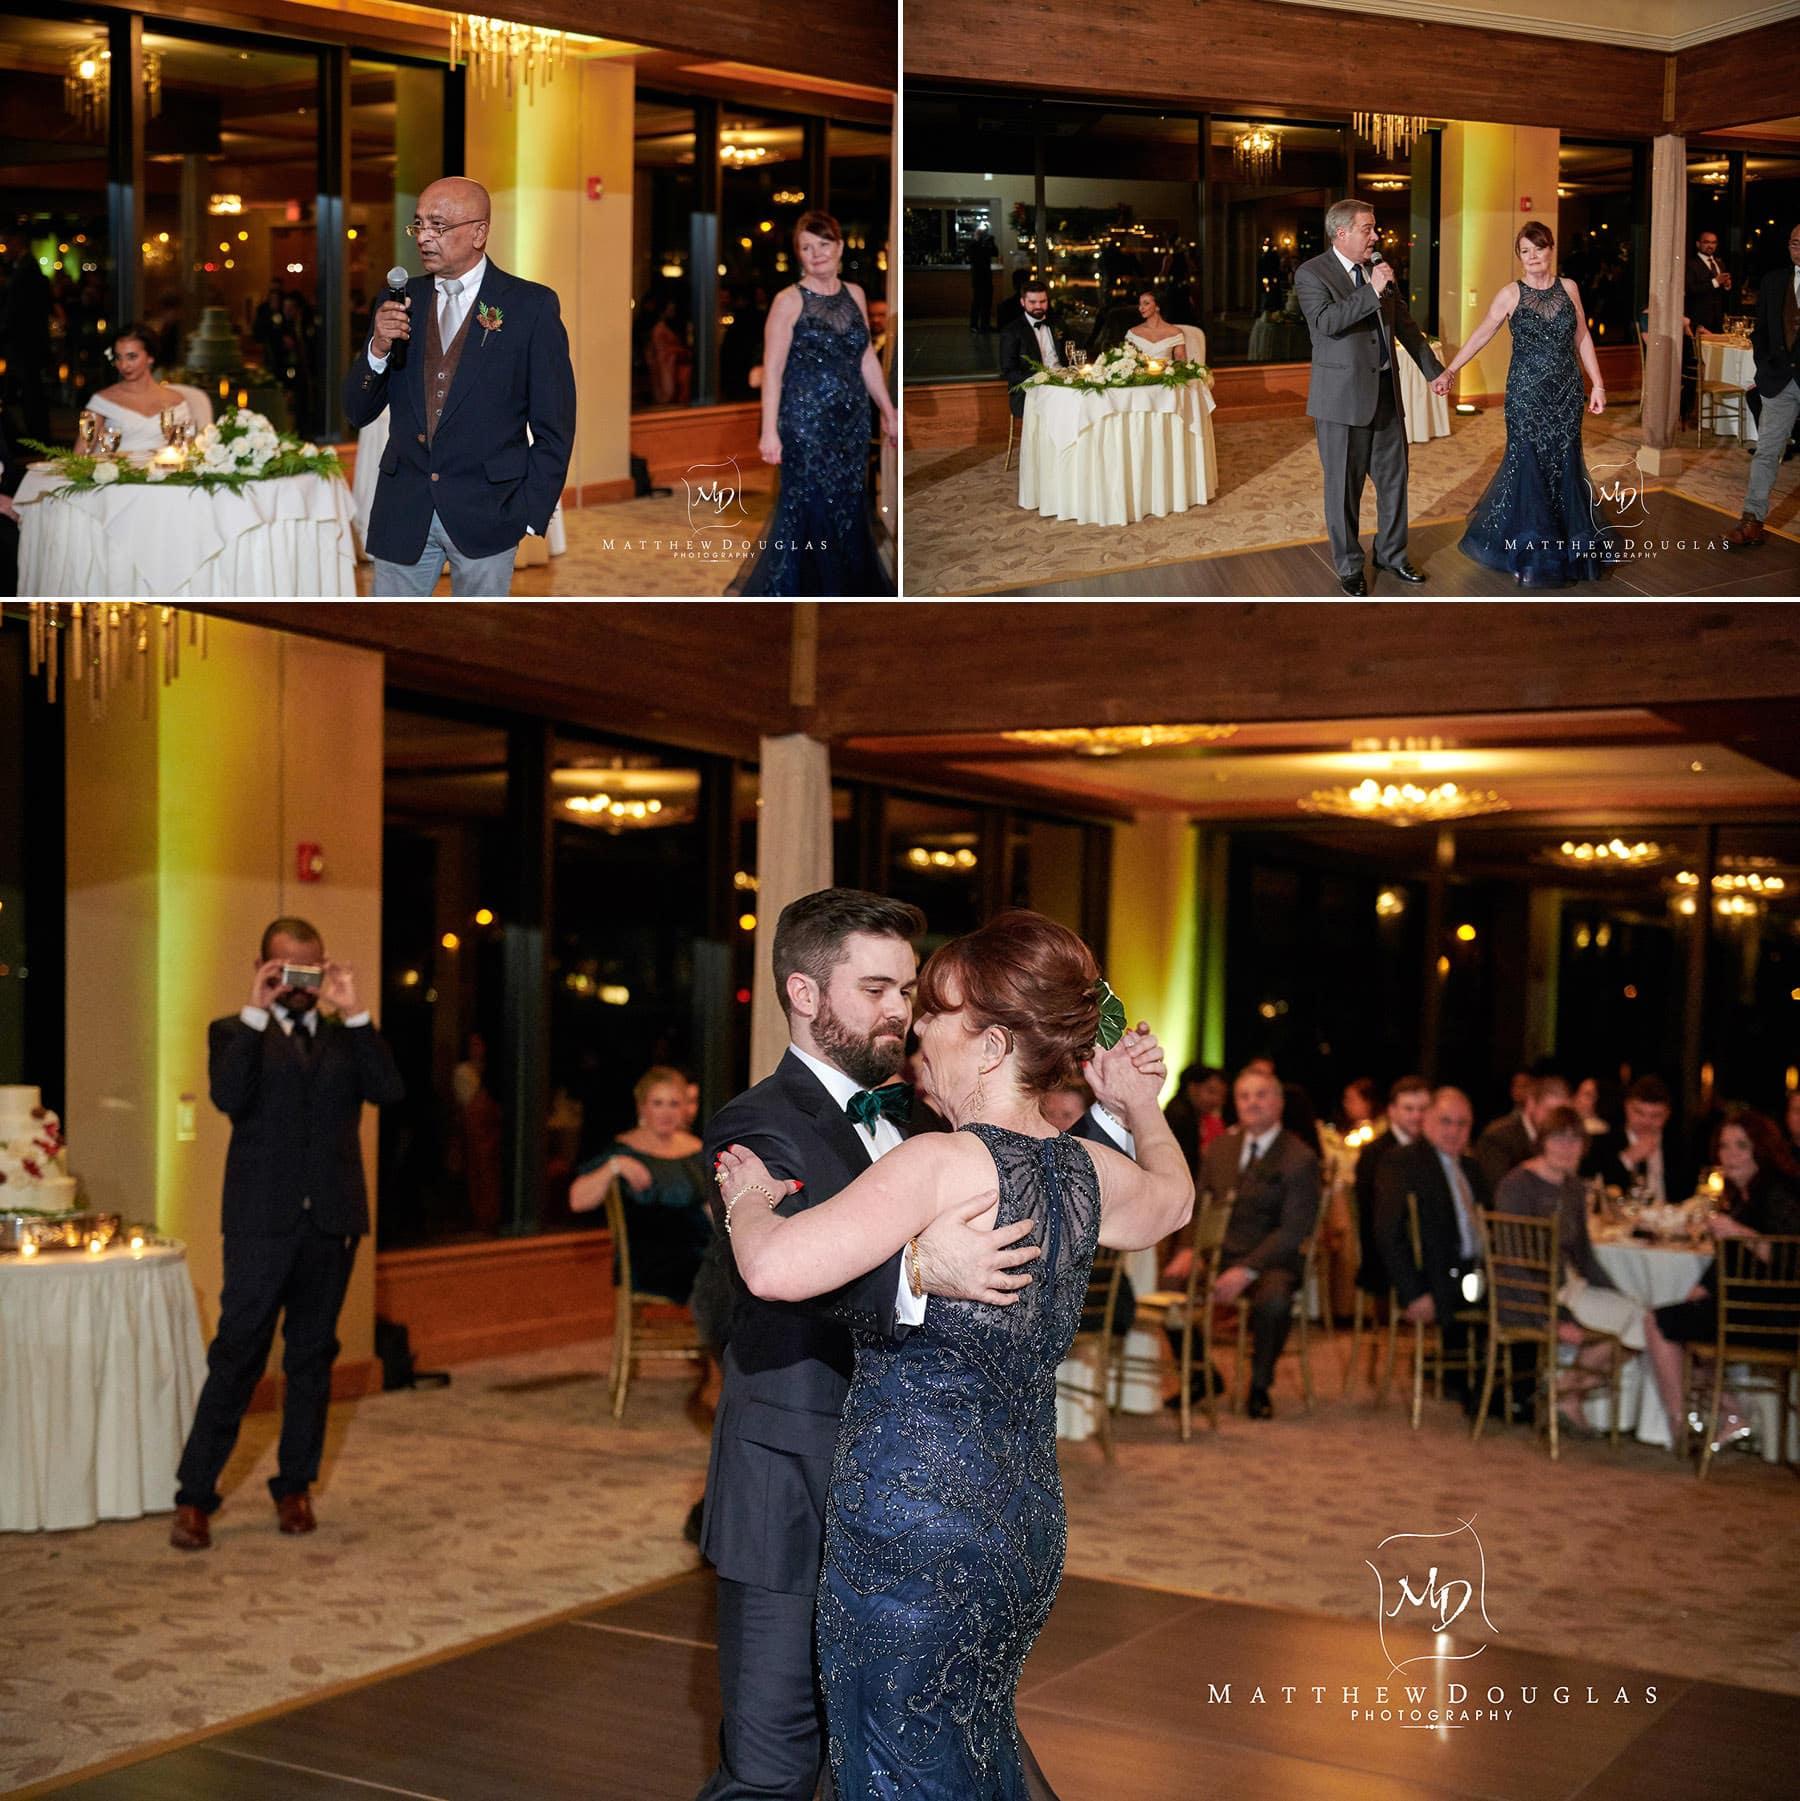 lambertville station inn wedding toasts photo